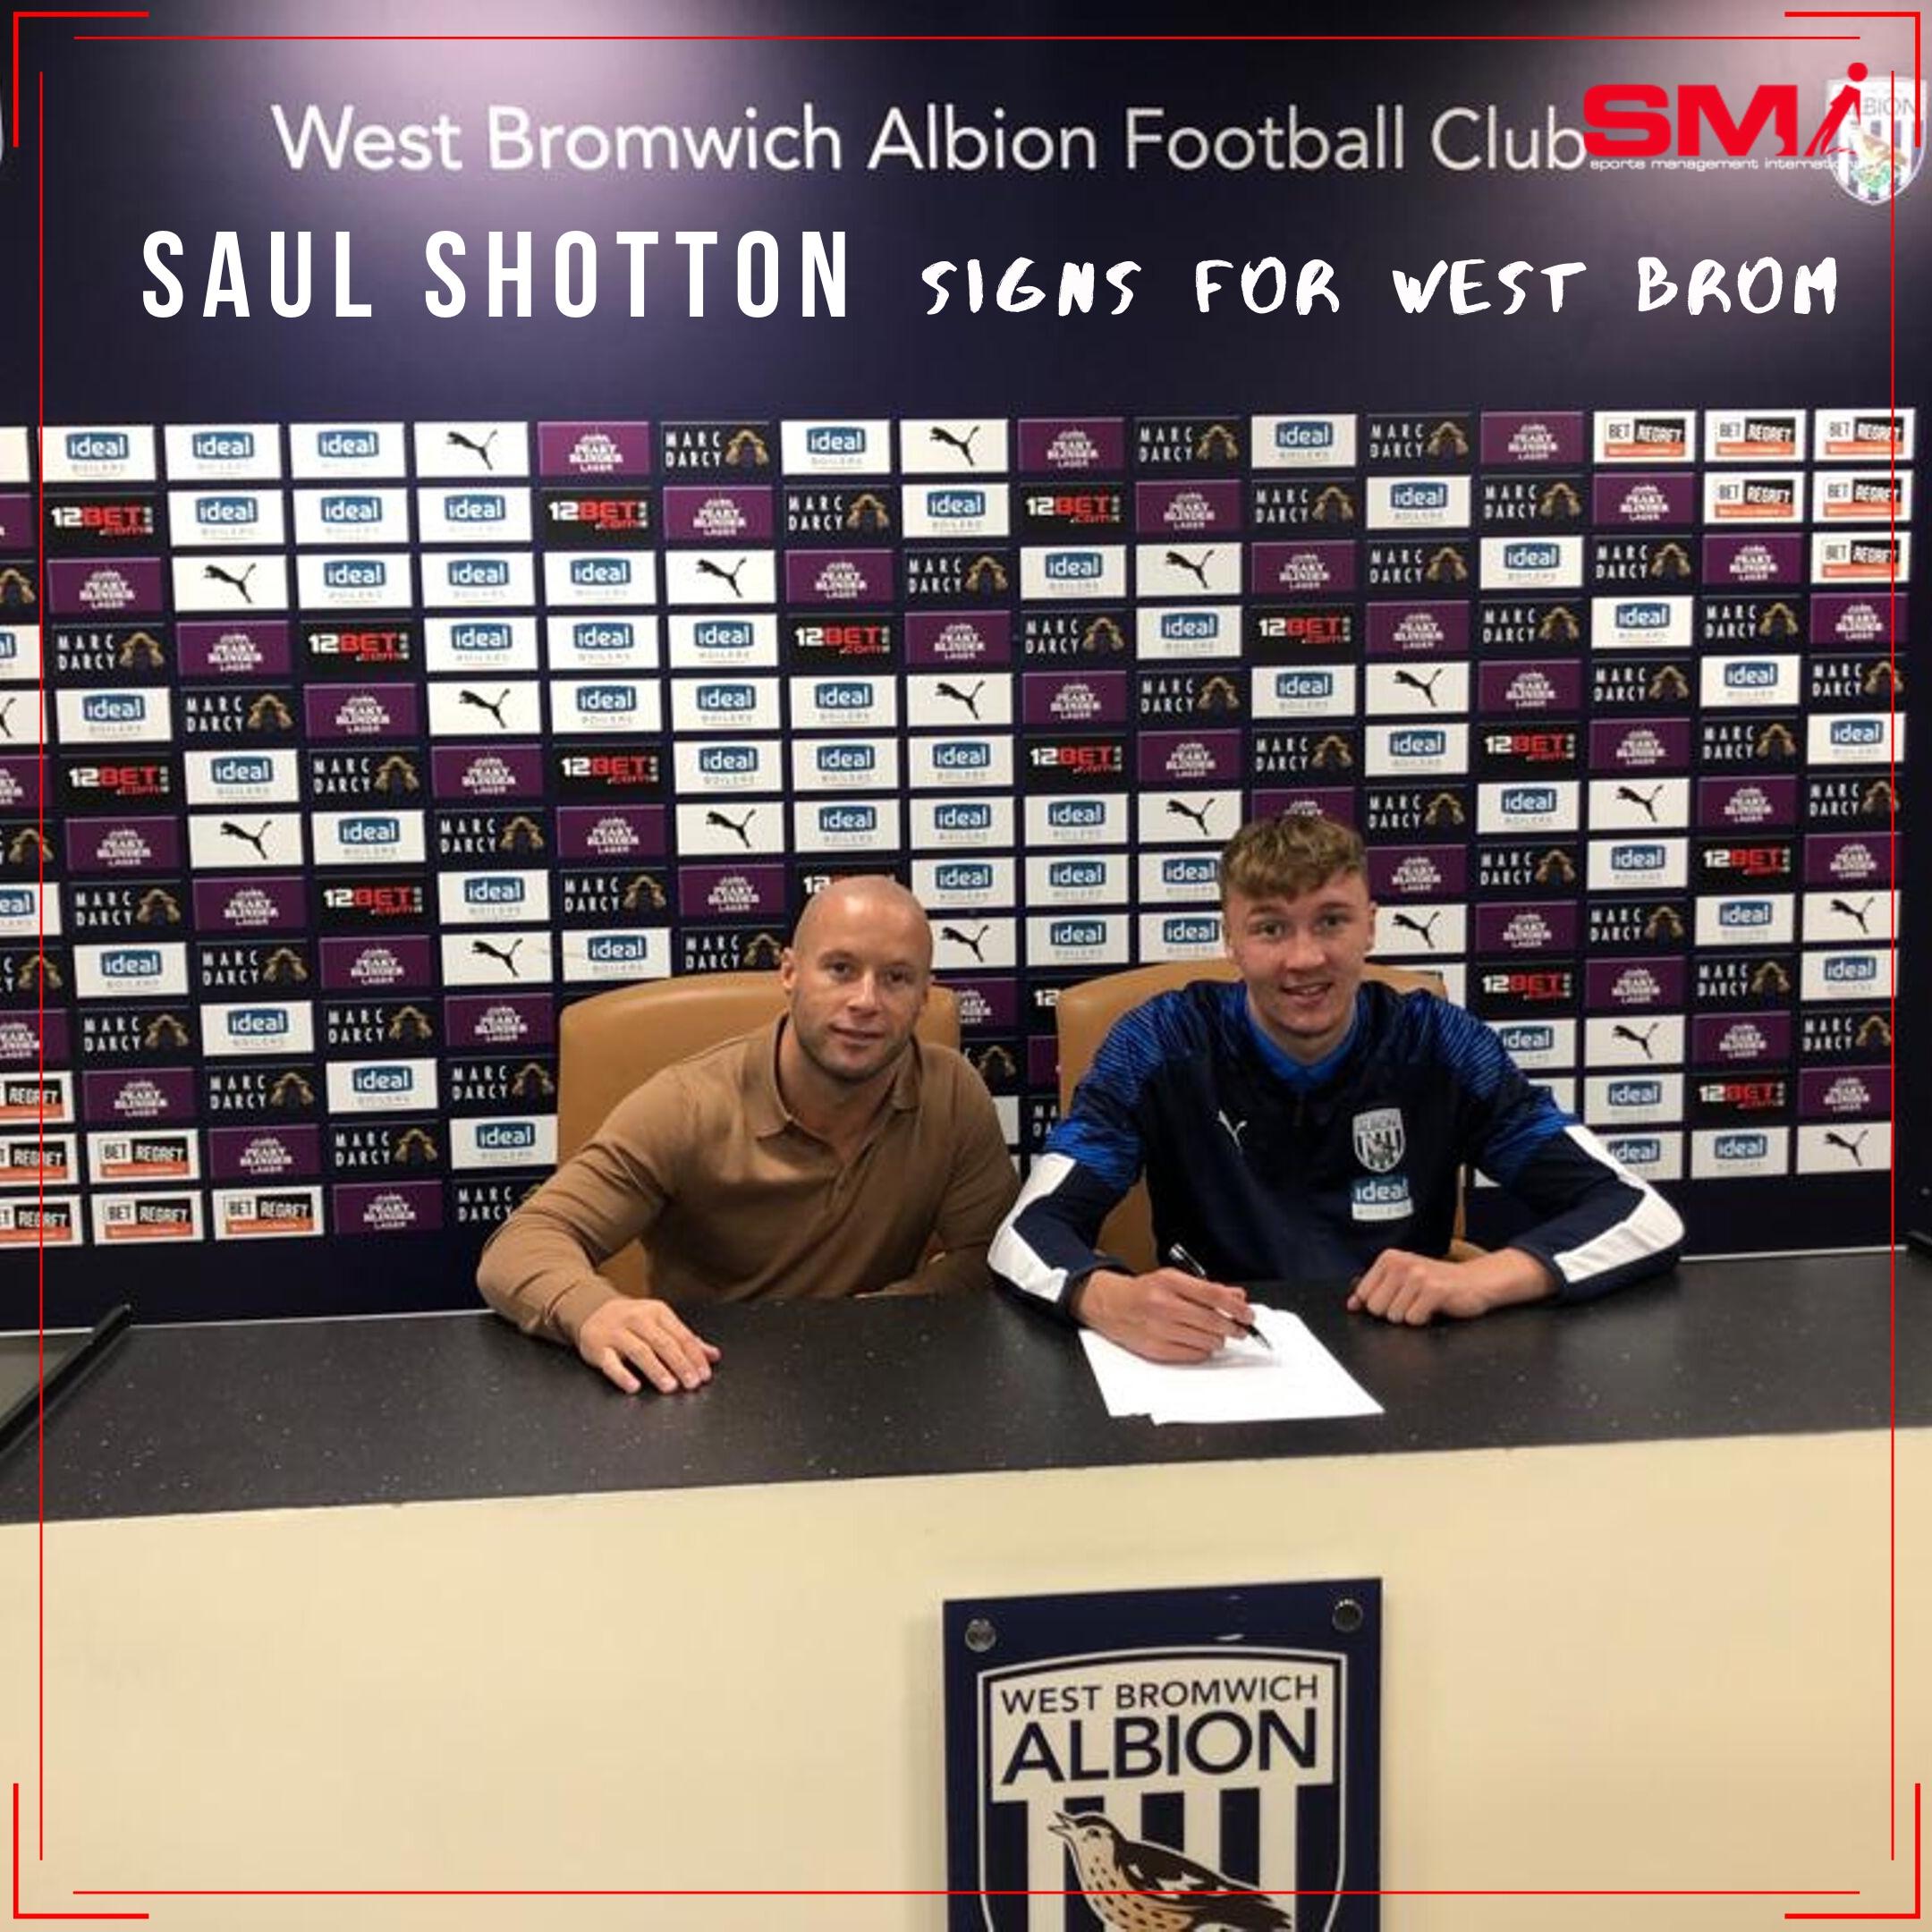 Saul Shotton signs for WBA